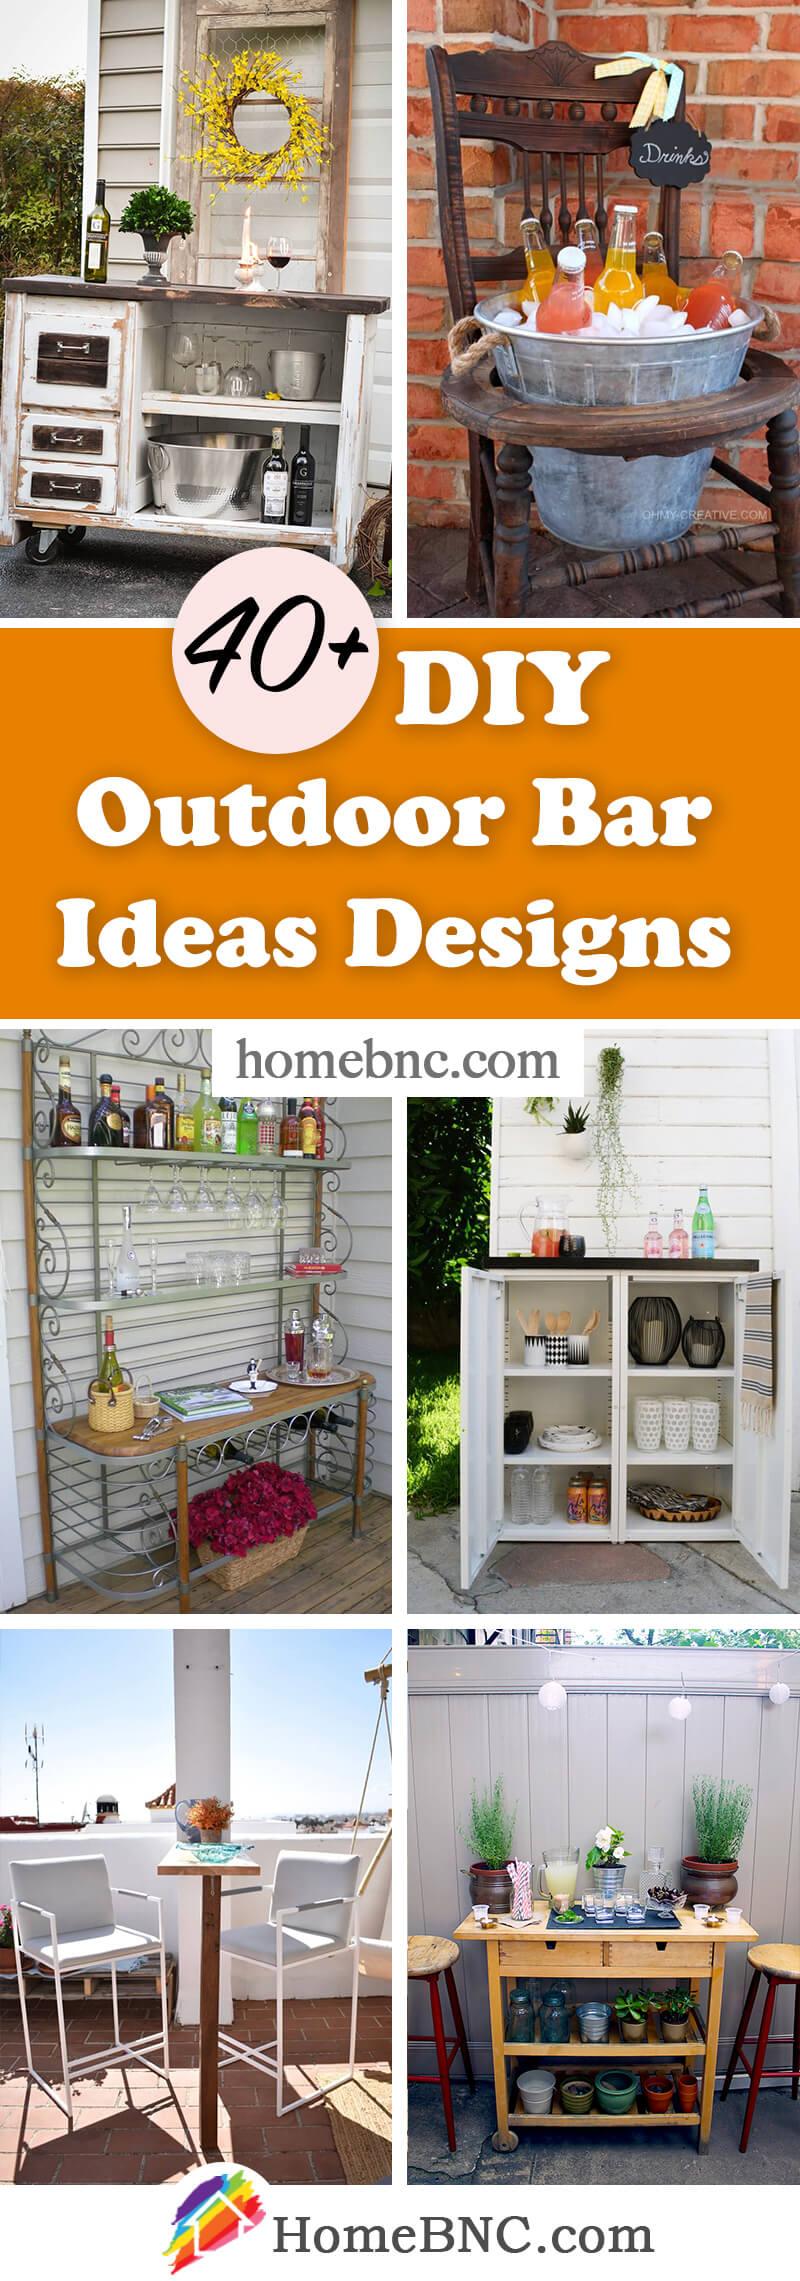 DIY Outdoor Bar Designs